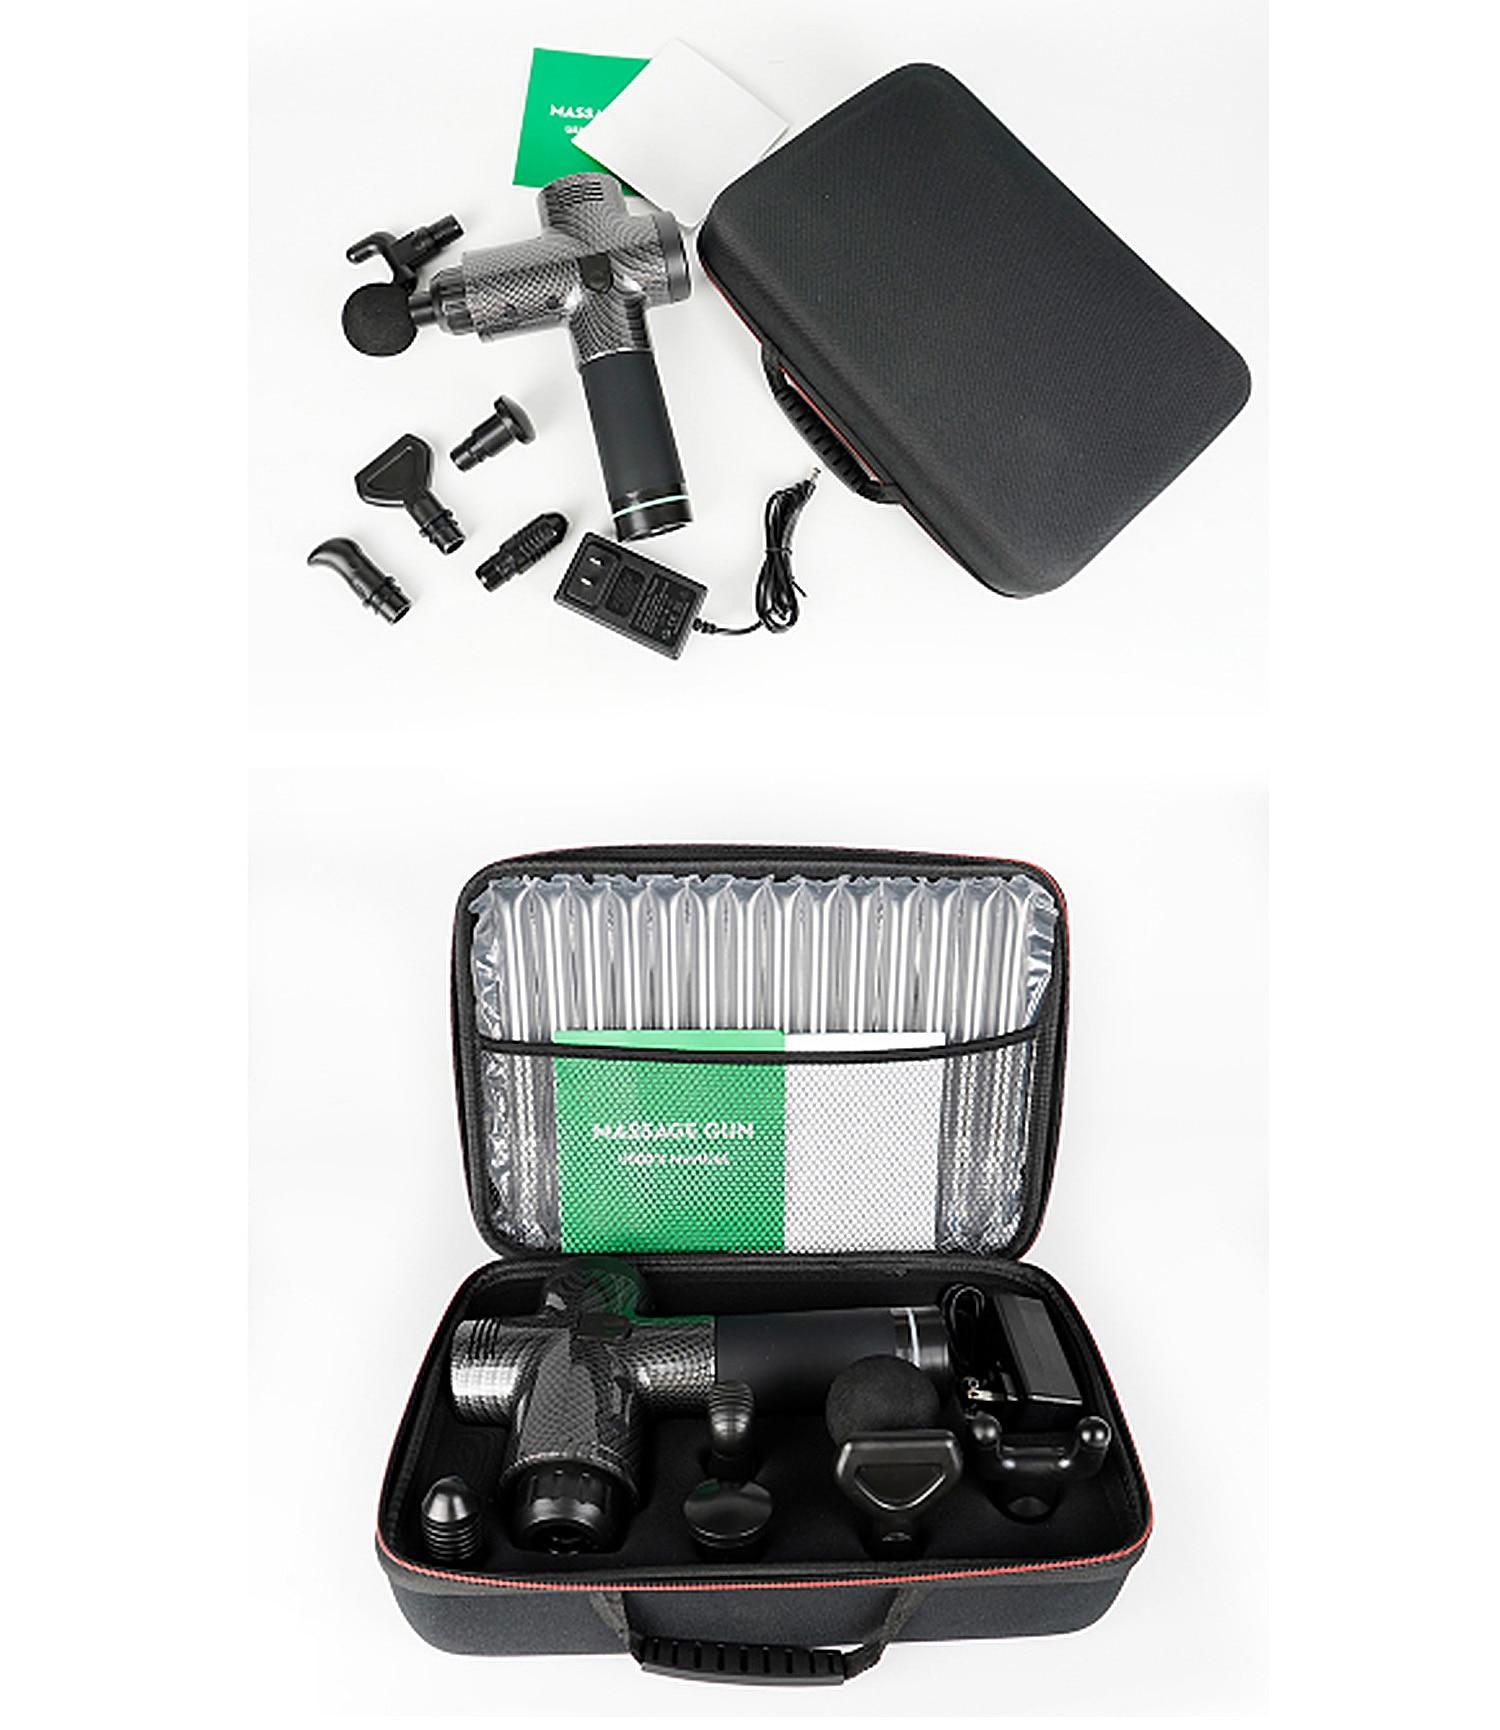 Silent Vibration Massage Gun Rechargeable Touch Screen Massager Speed Change Gear Deep Muscle Relaxation Fitness Equipment